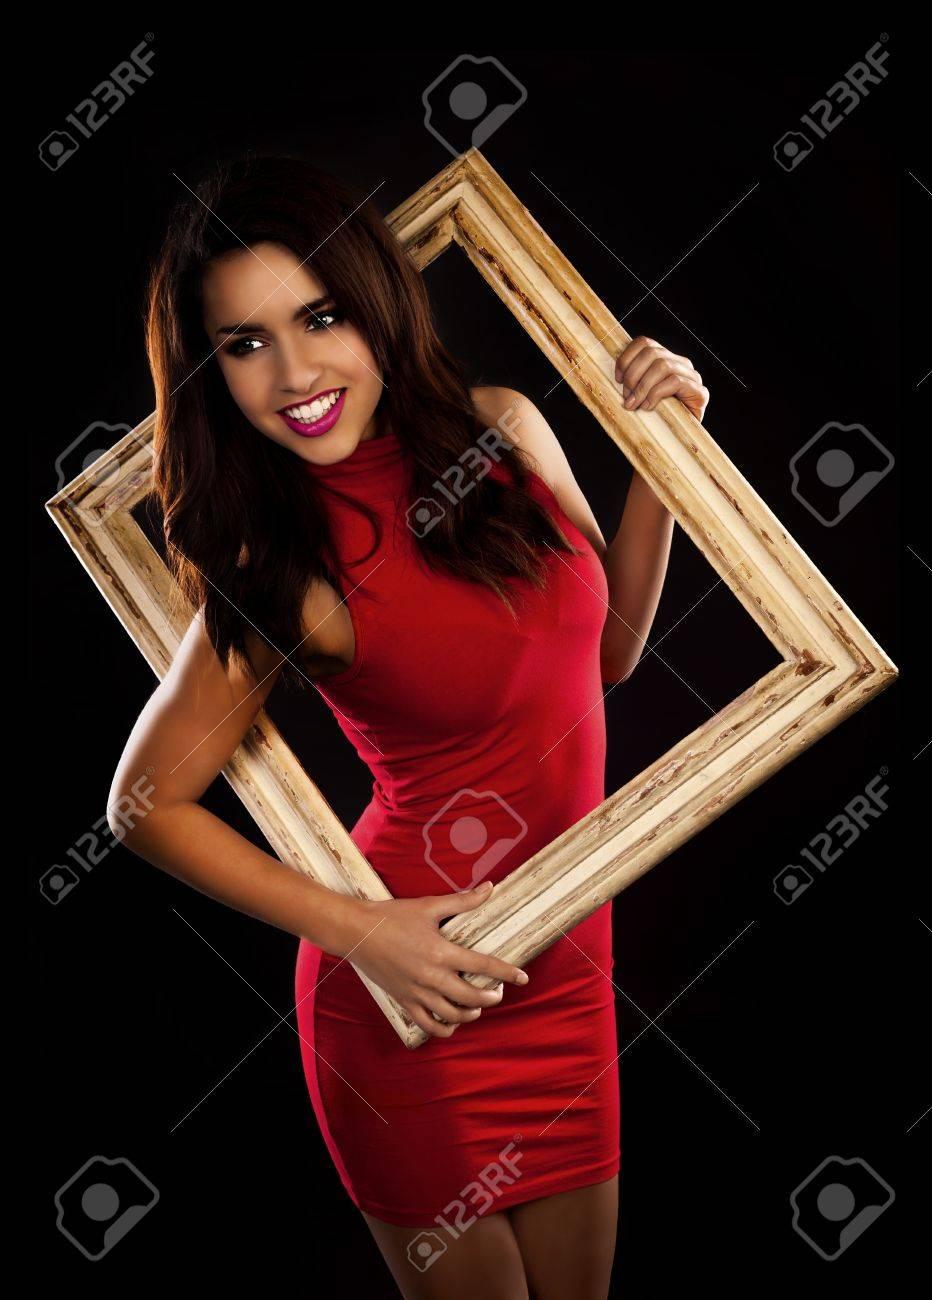 Eine Schöne Frau In Einem Sexy Roten Kleid Auf Und Halten Eine ...